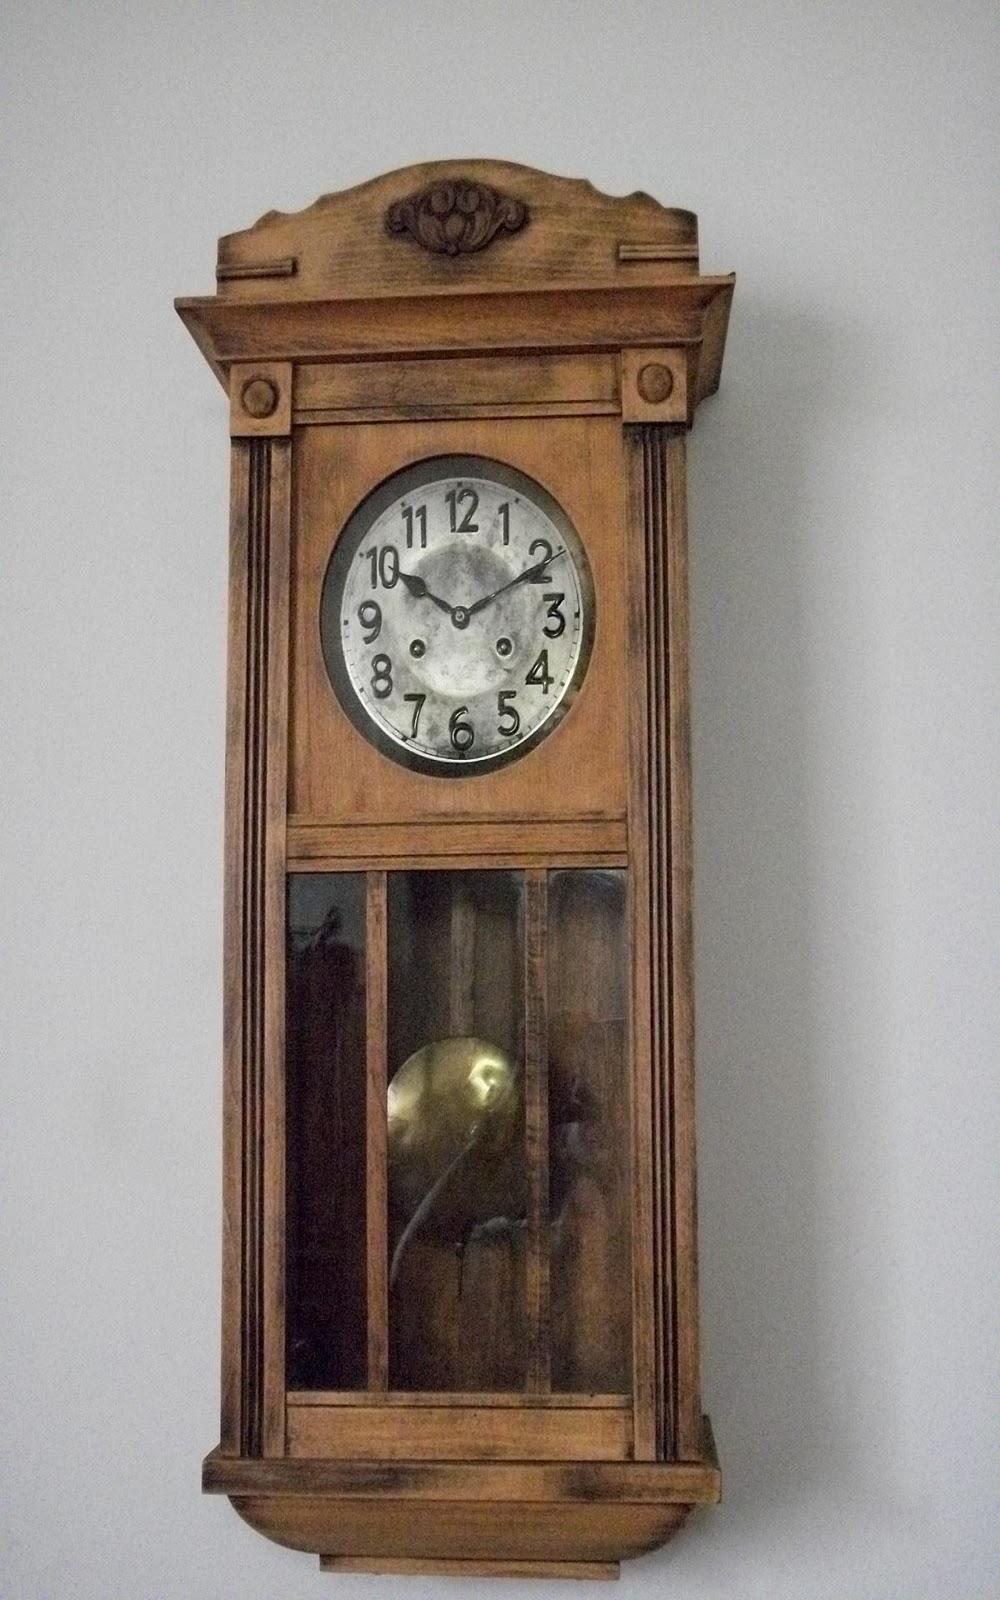 17fe0312d35 Relógio de Parede Junghans. Relogio de parede JUNGHANS modelo muito antigo.